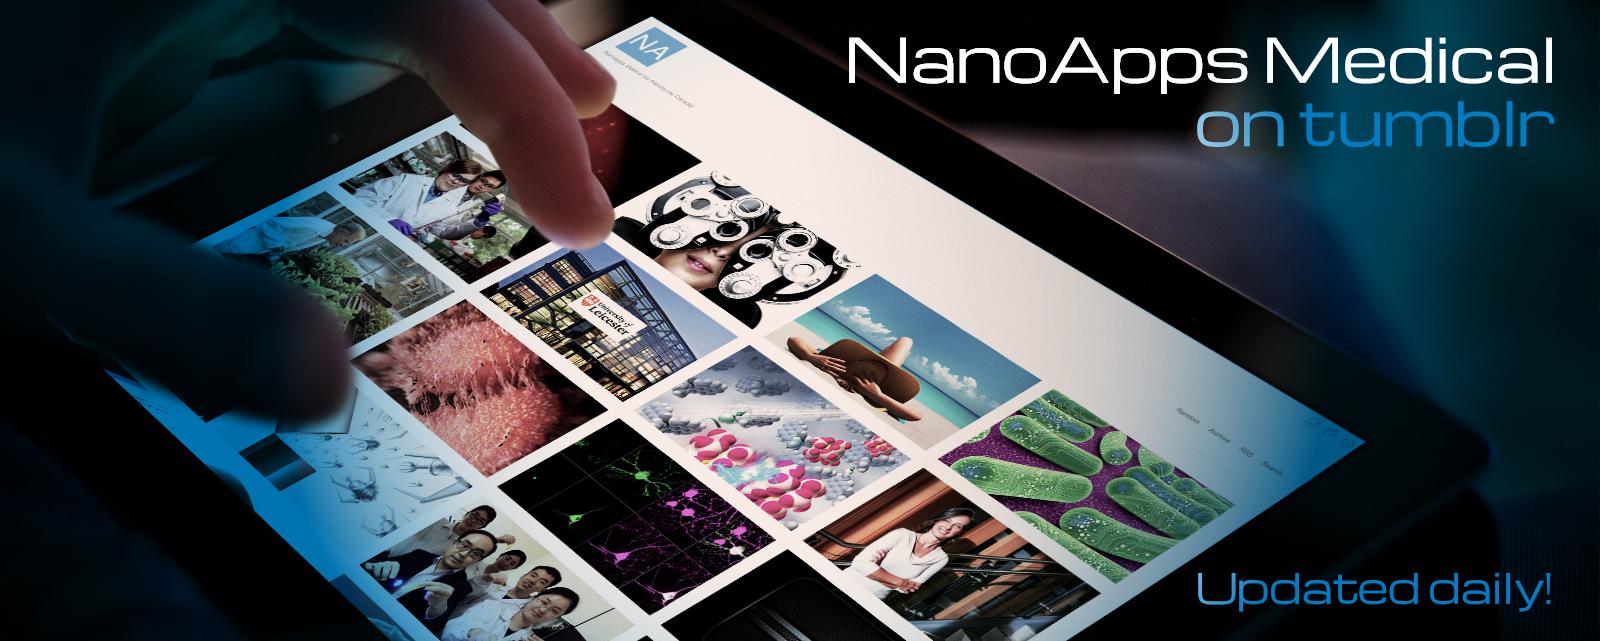 nanoapps-medical